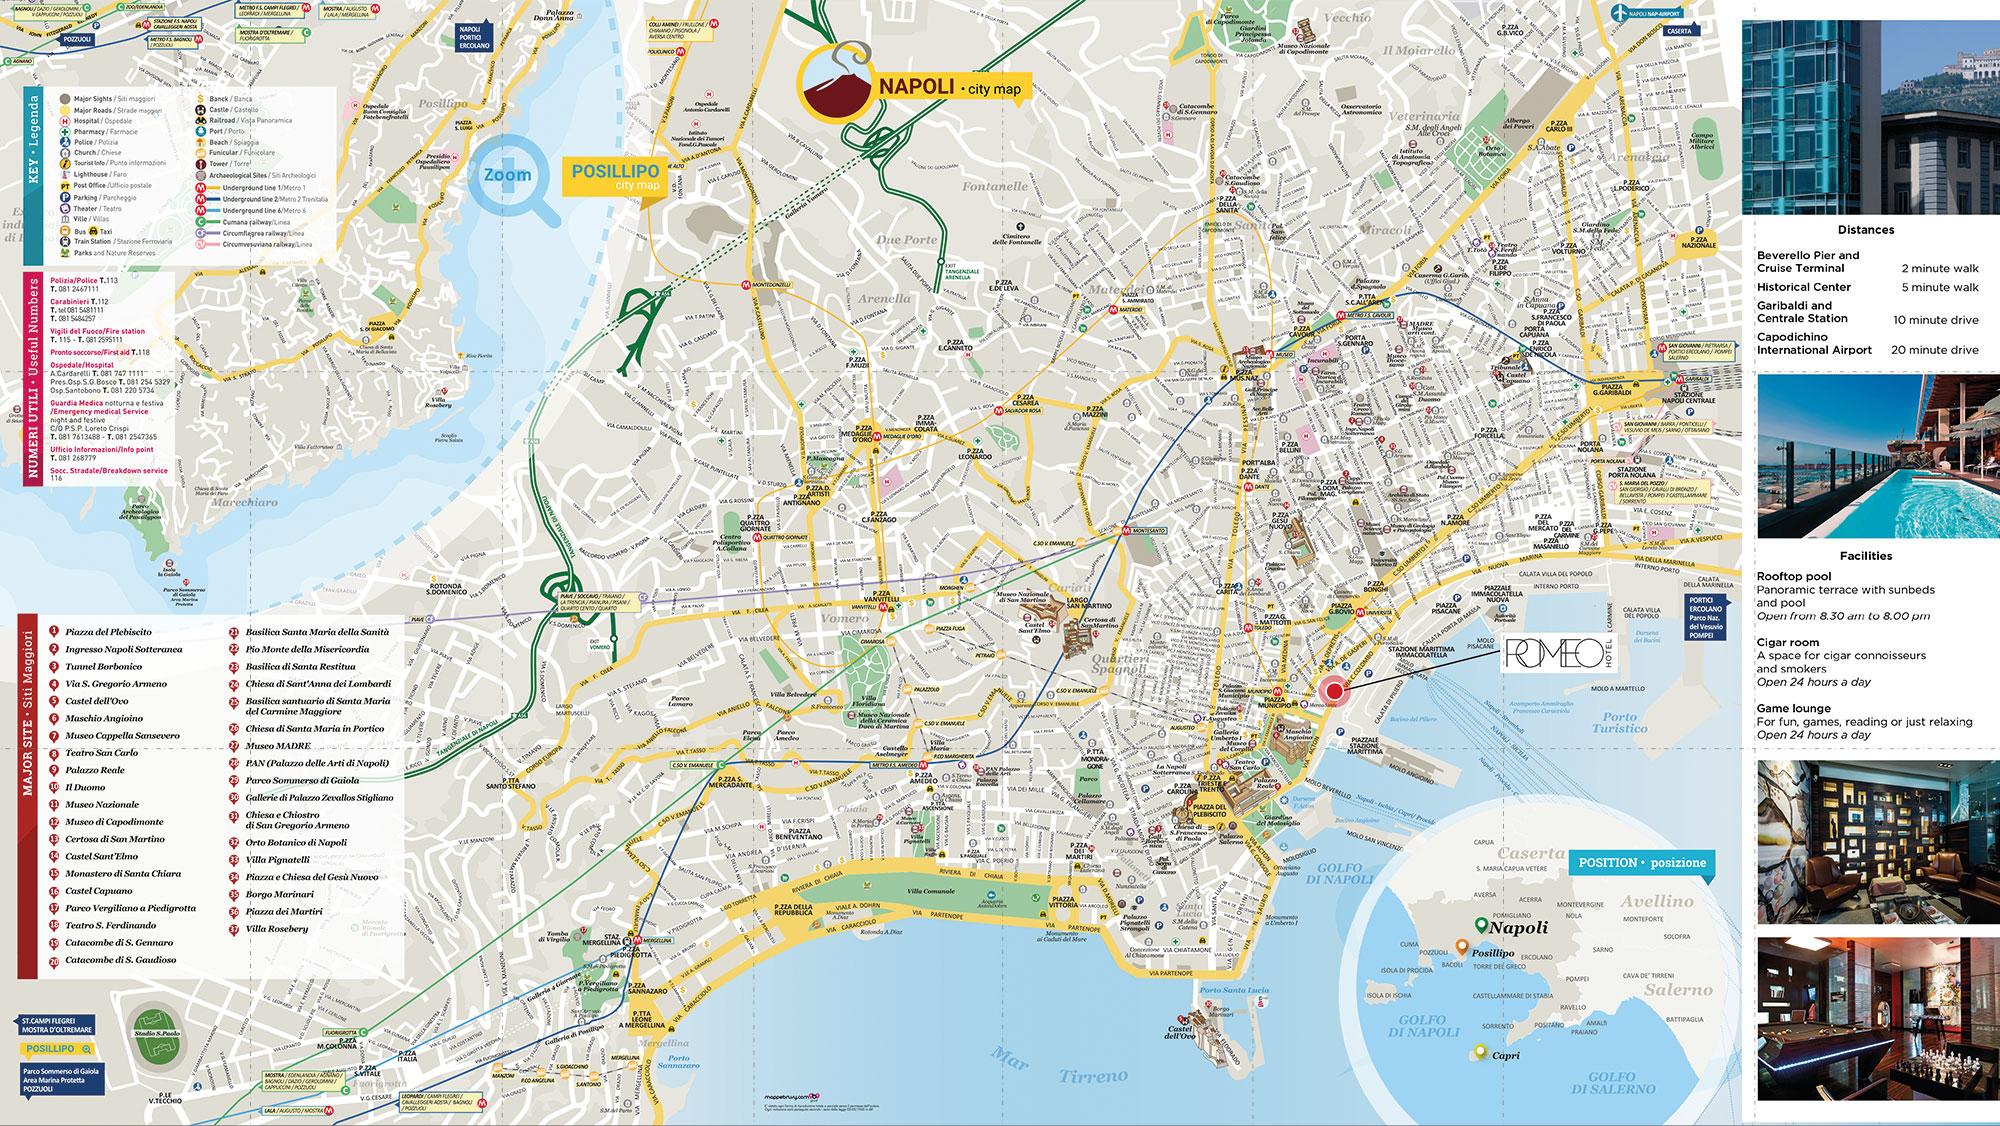 Cartina Napoli.Romeo Mappa Brusy Personalizzata Mappa Di Napoli